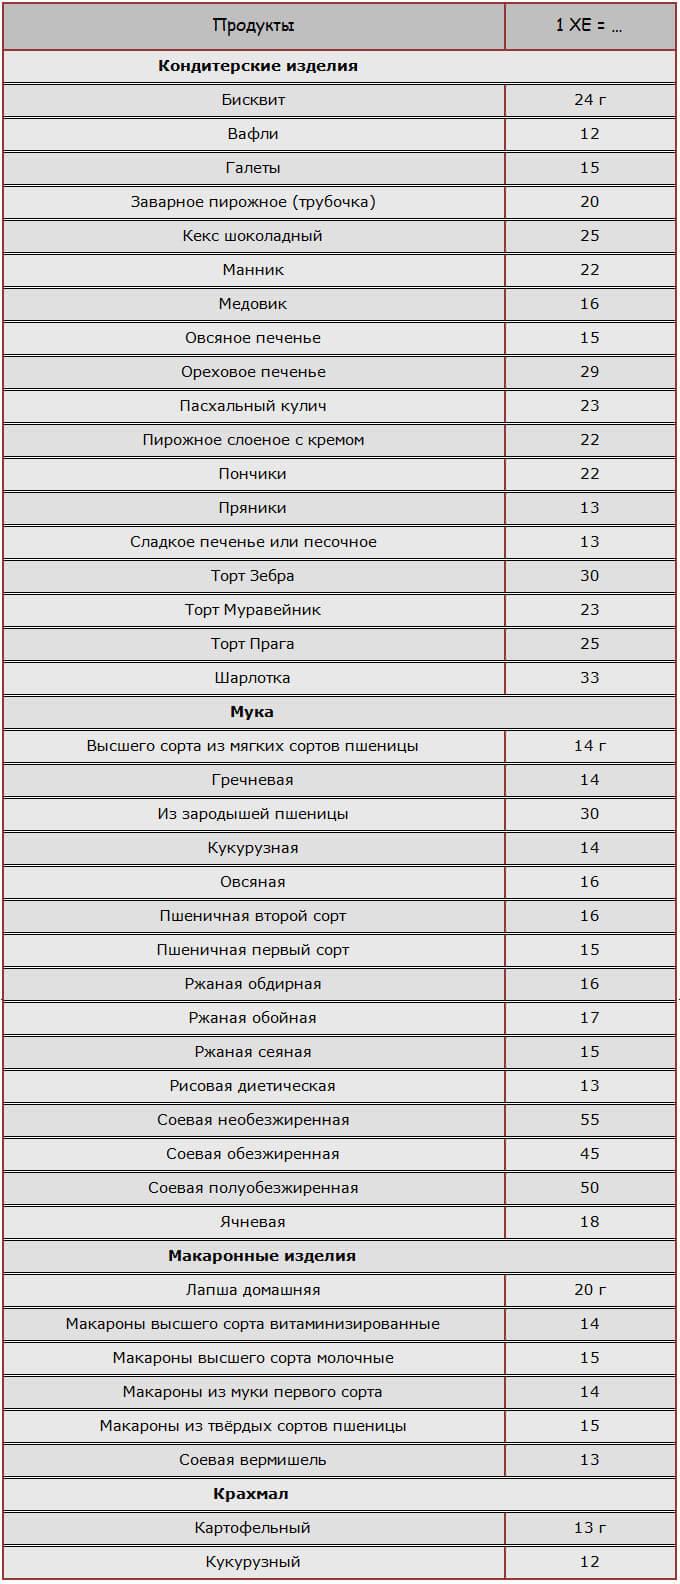 Таблица ХЕ для мучных, кондитерских изделий, выпечки